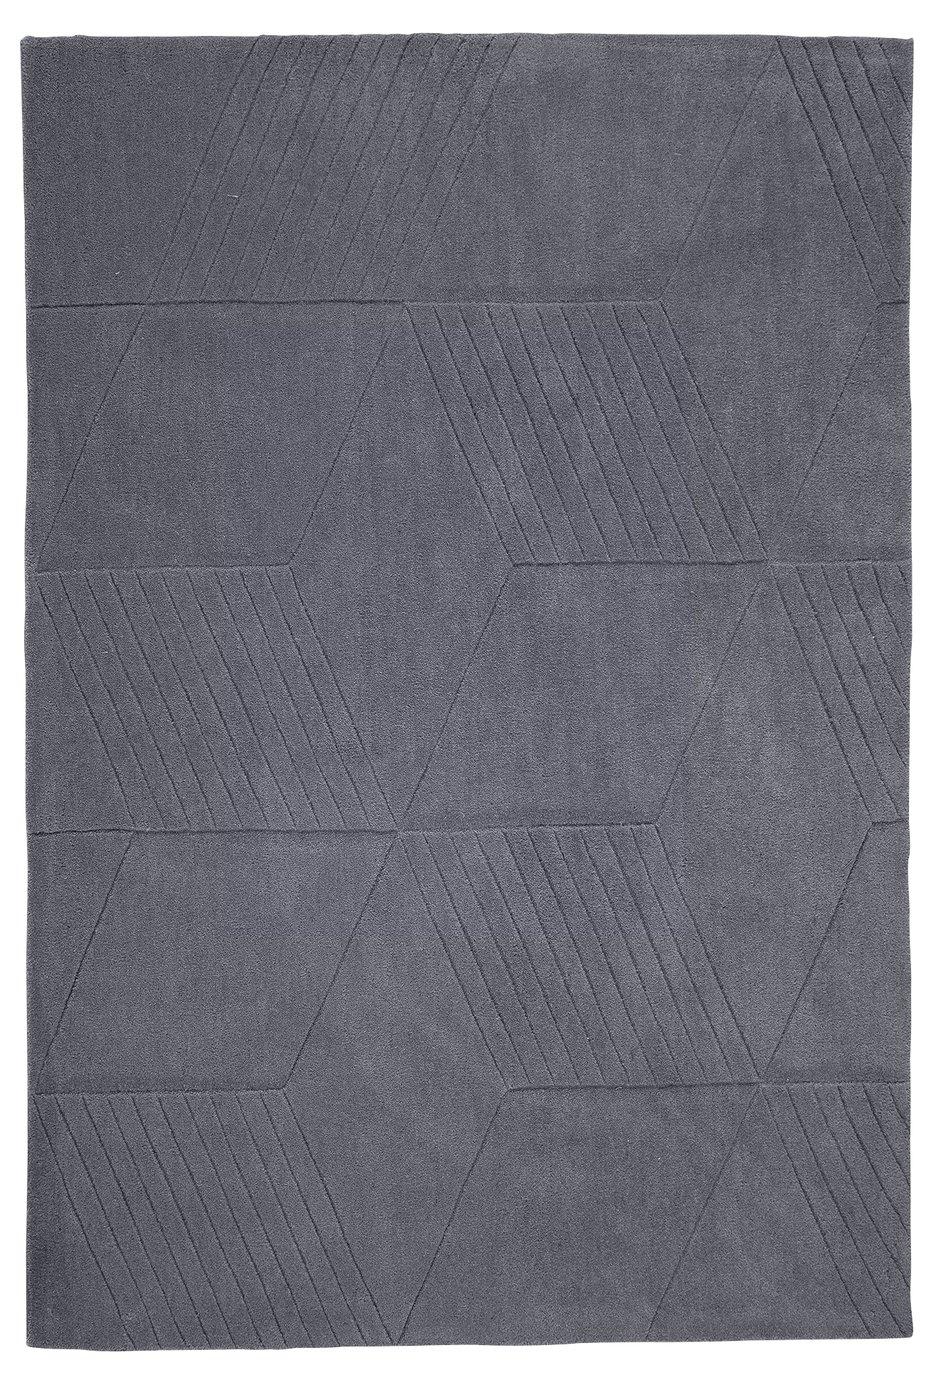 Argos Home Lawson Geometric Rug - 160x120cm - Grey